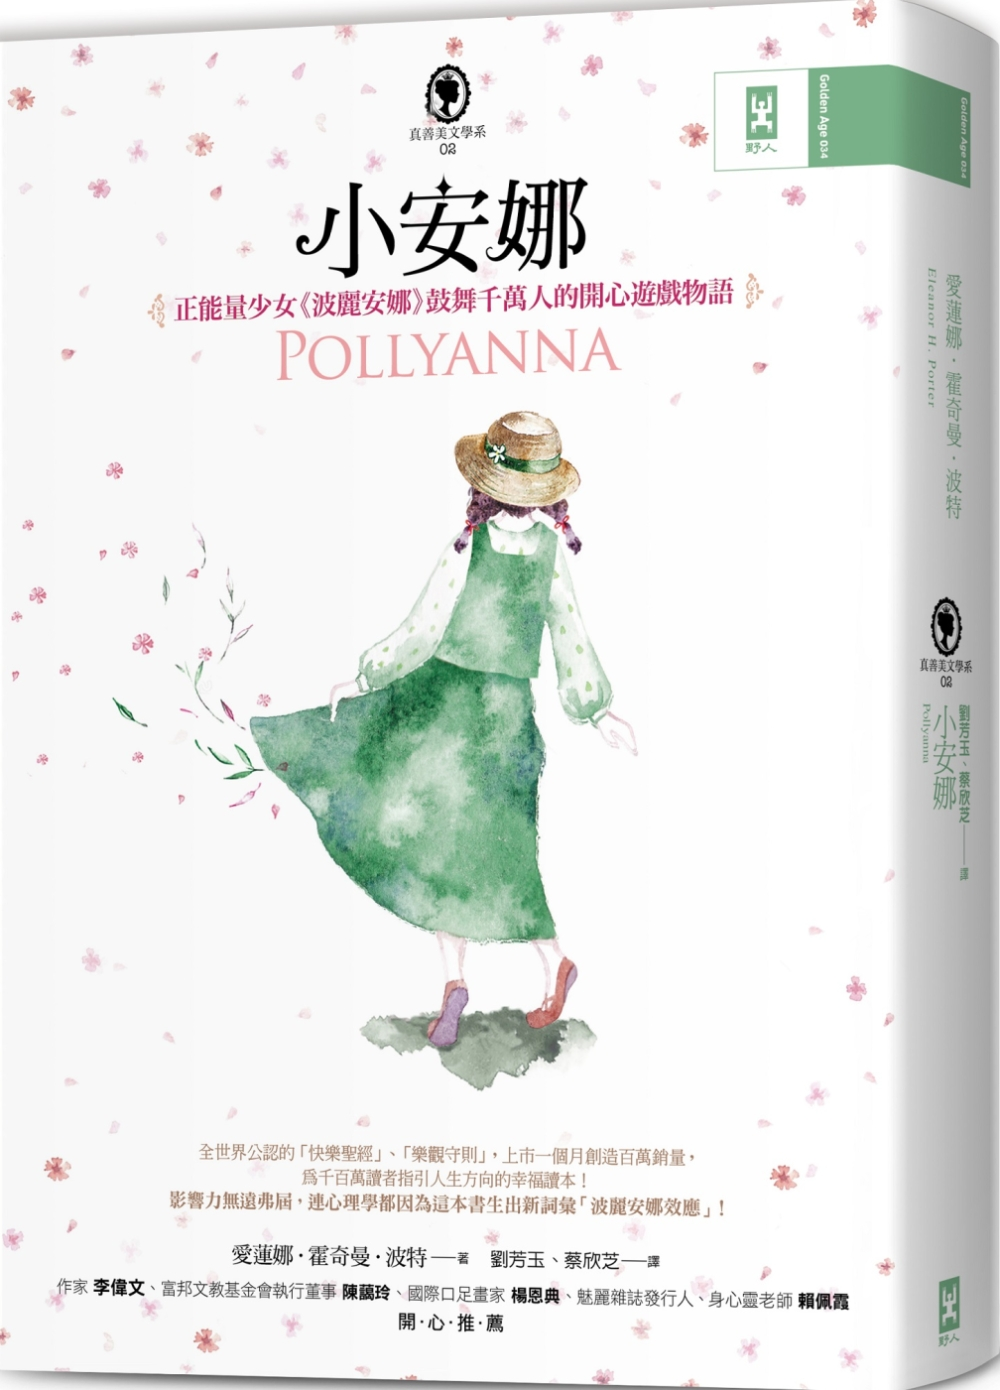 小安娜:正能量少女《波麗安娜》鼓舞千萬人的開心遊戲物語【真善美文學系2】